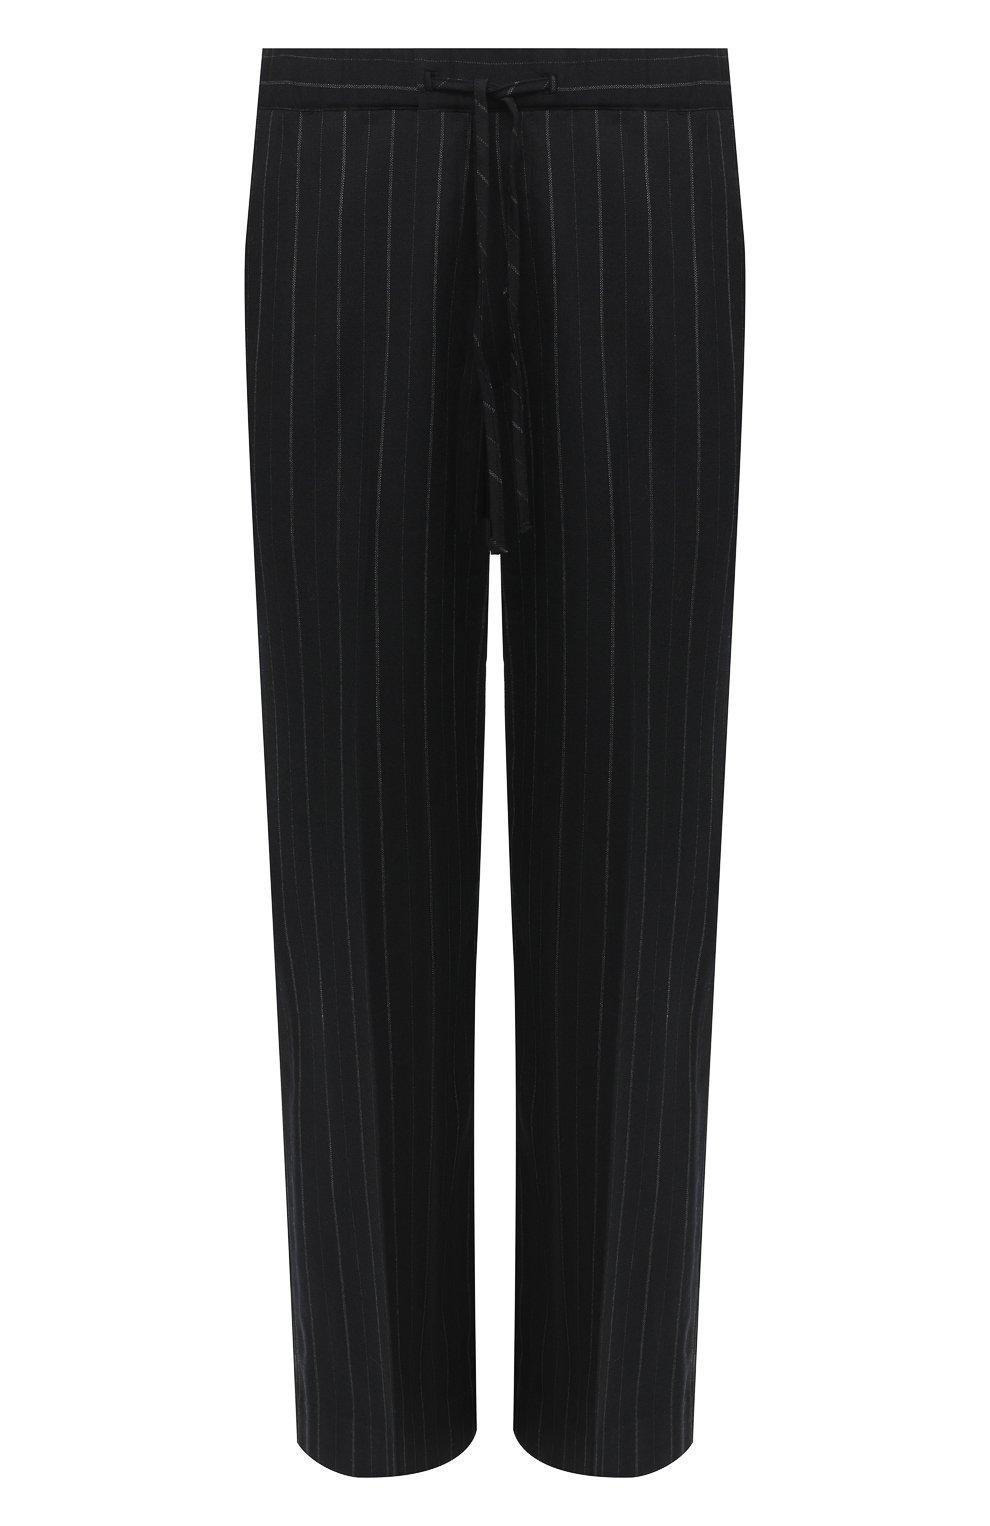 Мужские брюки JUUN.J черного цвета, арт. JC0921P055   Фото 1 (Материал внешний: Шерсть, Синтетический материал; Длина (брюки, джинсы): Стандартные; Случай: Повседневный; Материал подклада: Синтетический материал; Стили: Минимализм)